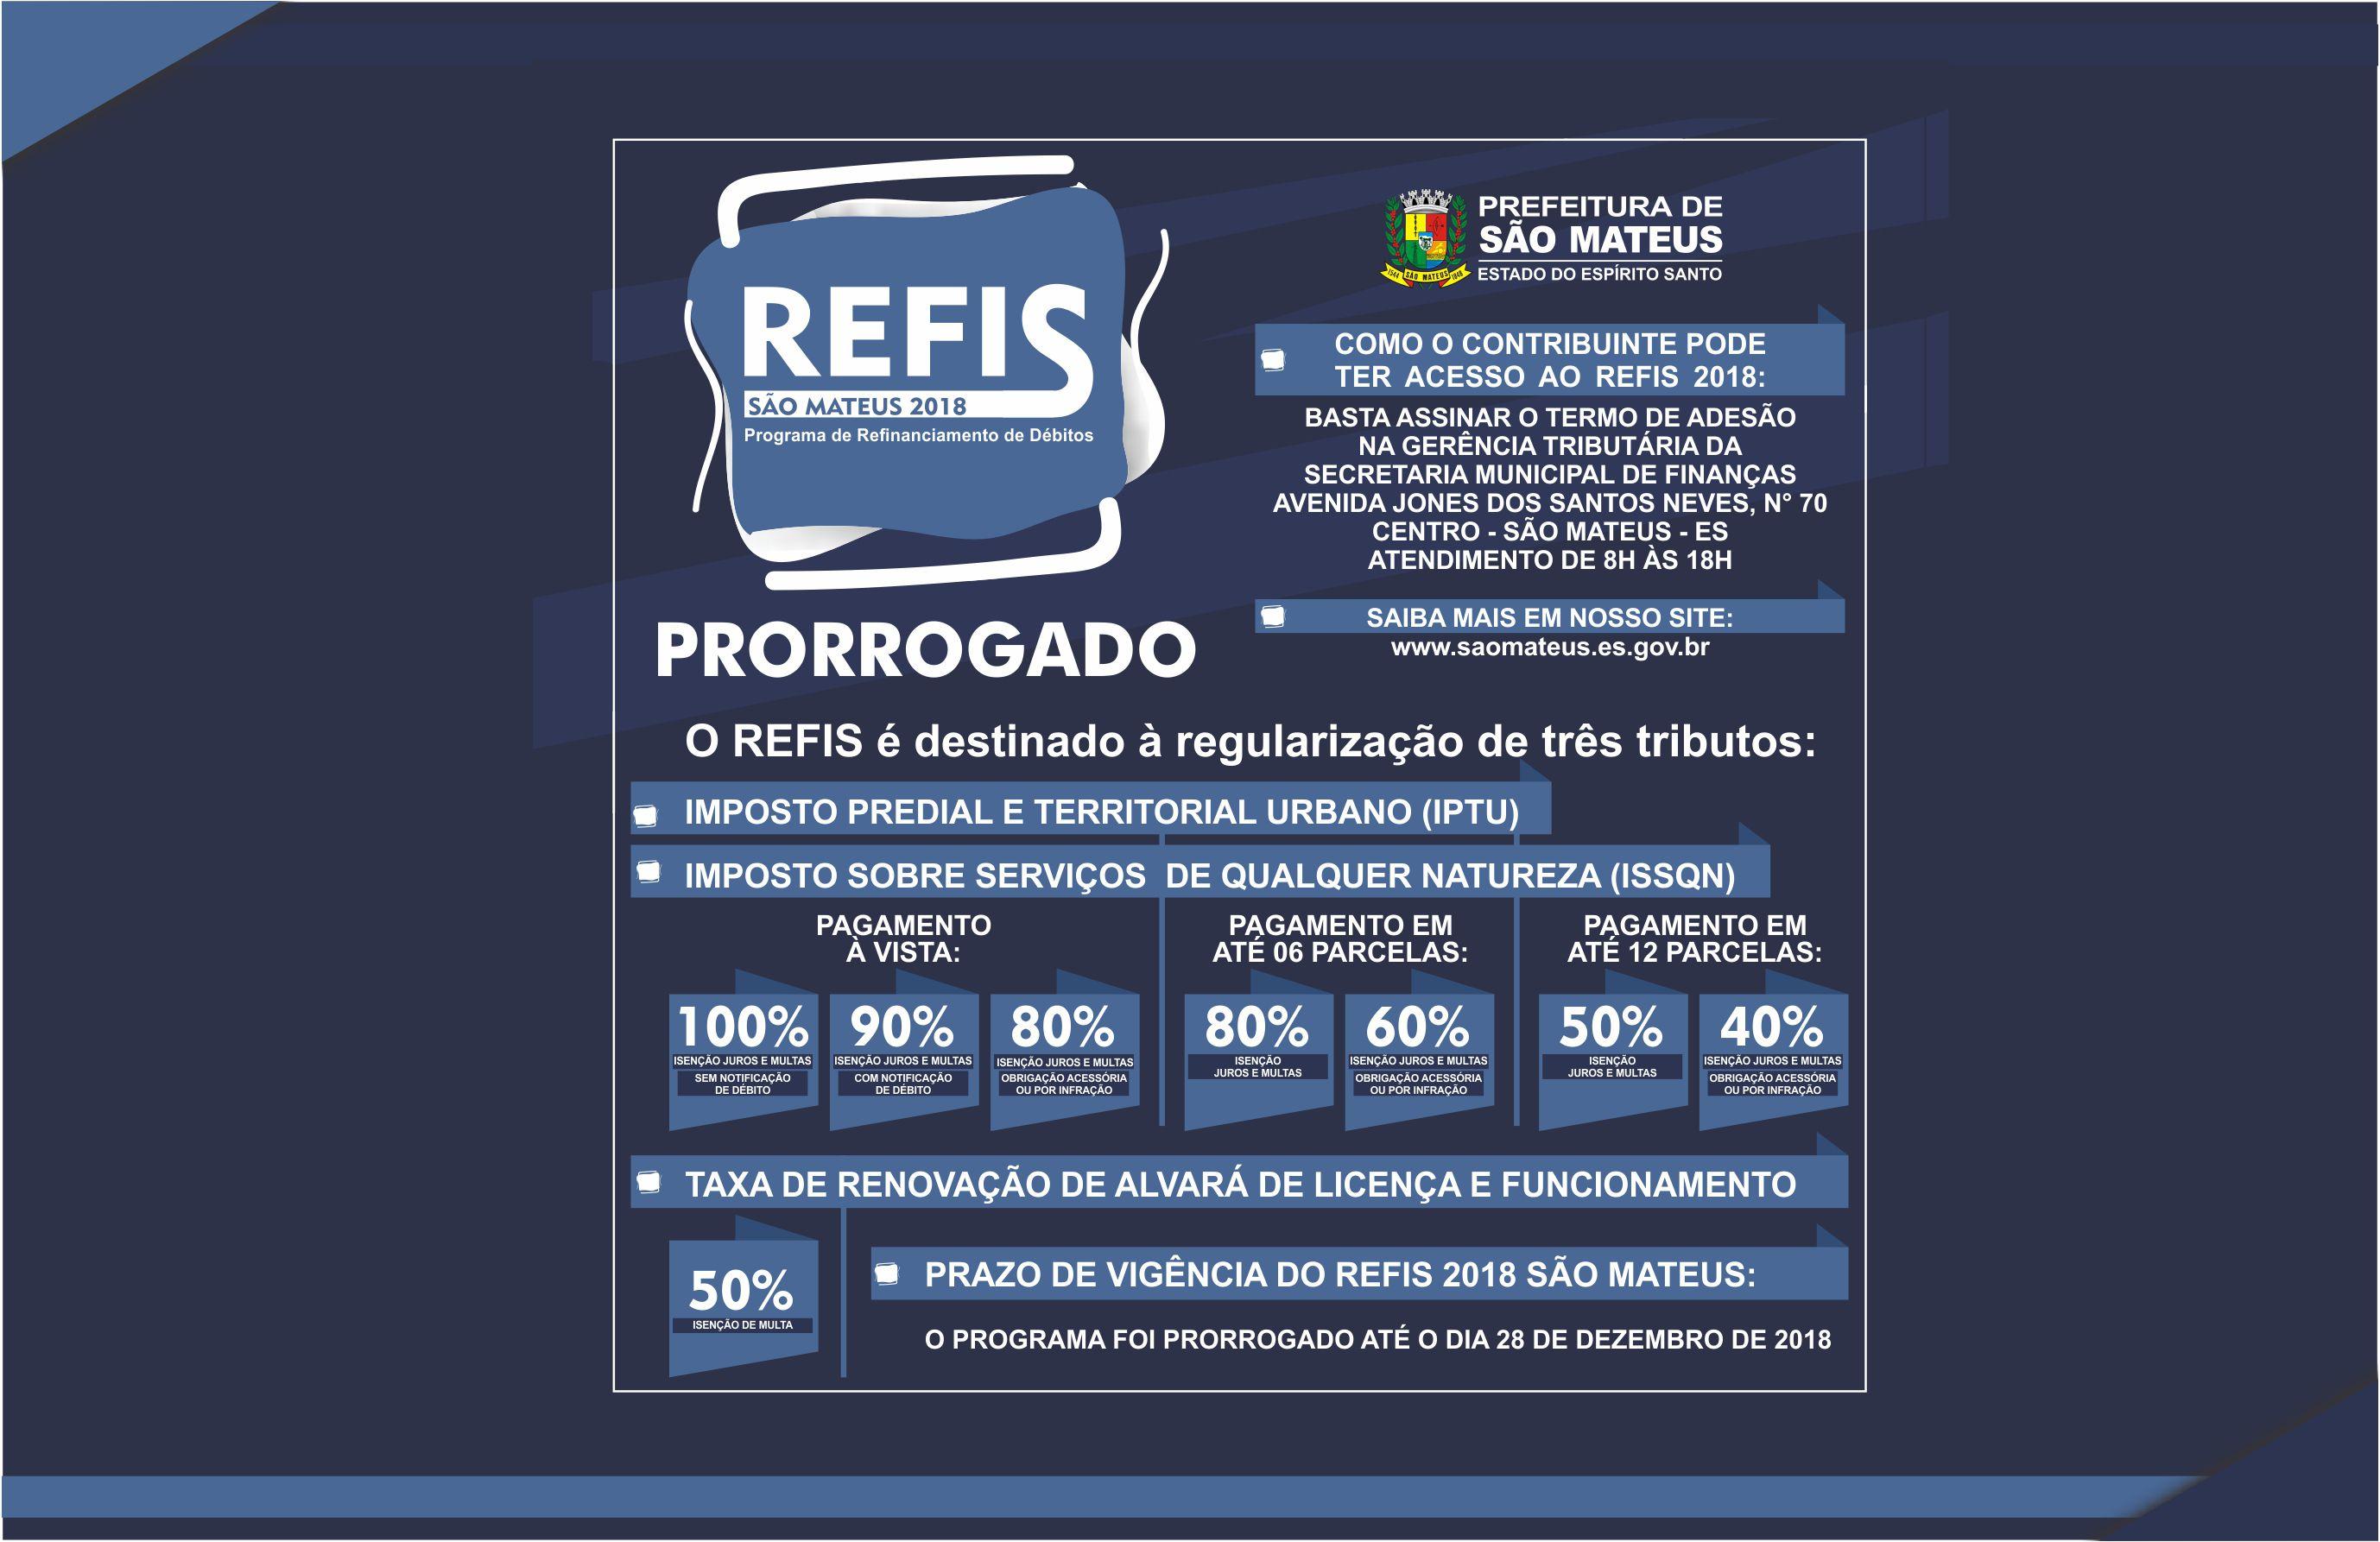 REFIS 2018 Prorrogado por mais 45 dias (Até o dia 28 de Dezembro)